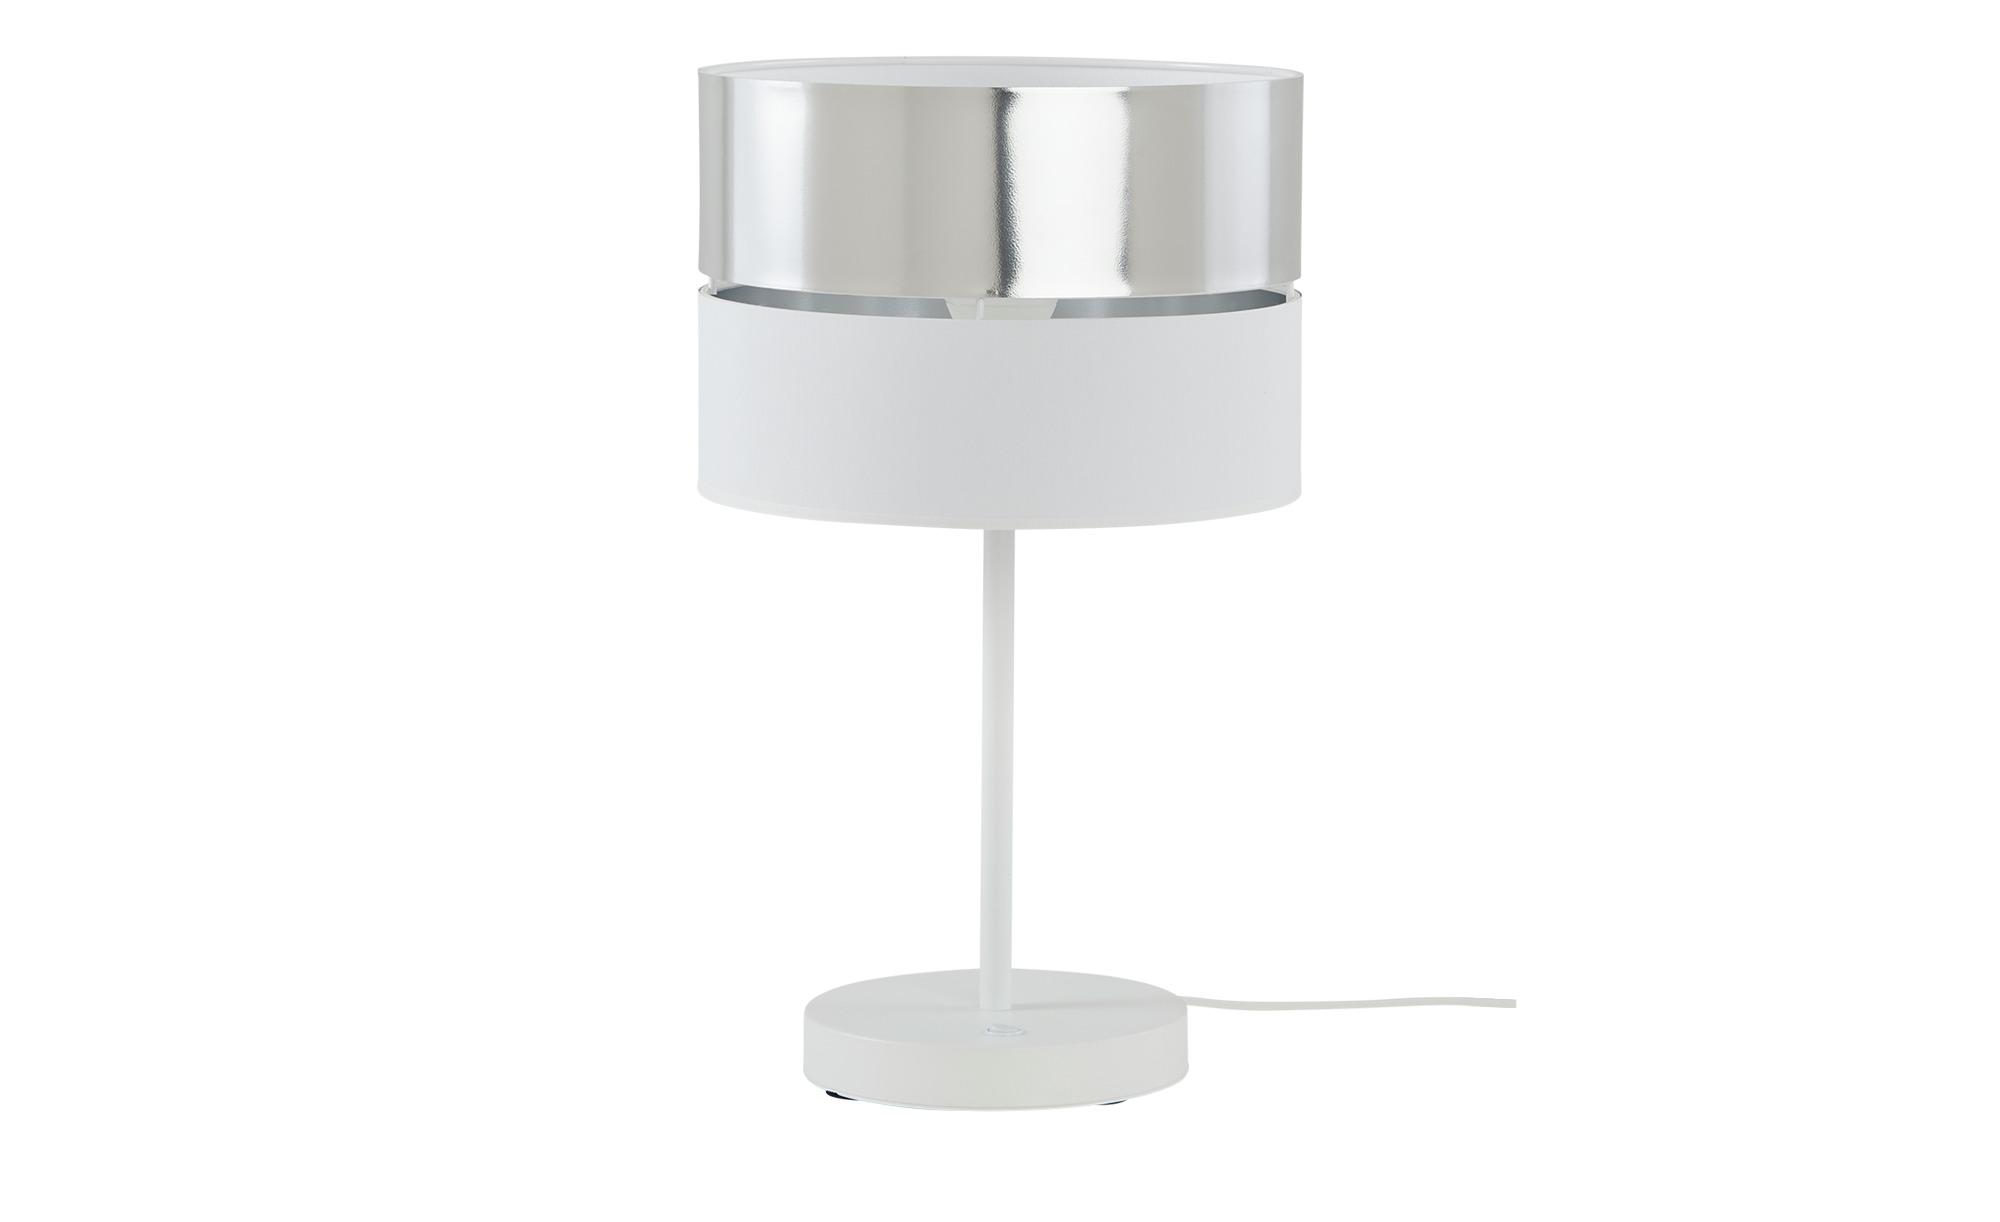 Tischleuchte, 1-flammig, weiß/silberfarben ¦ weiß ¦ Maße (cm): H: 30 Ø: 30 Lampen & Leuchten > Innenleuchten > Tischlampen - Höffner